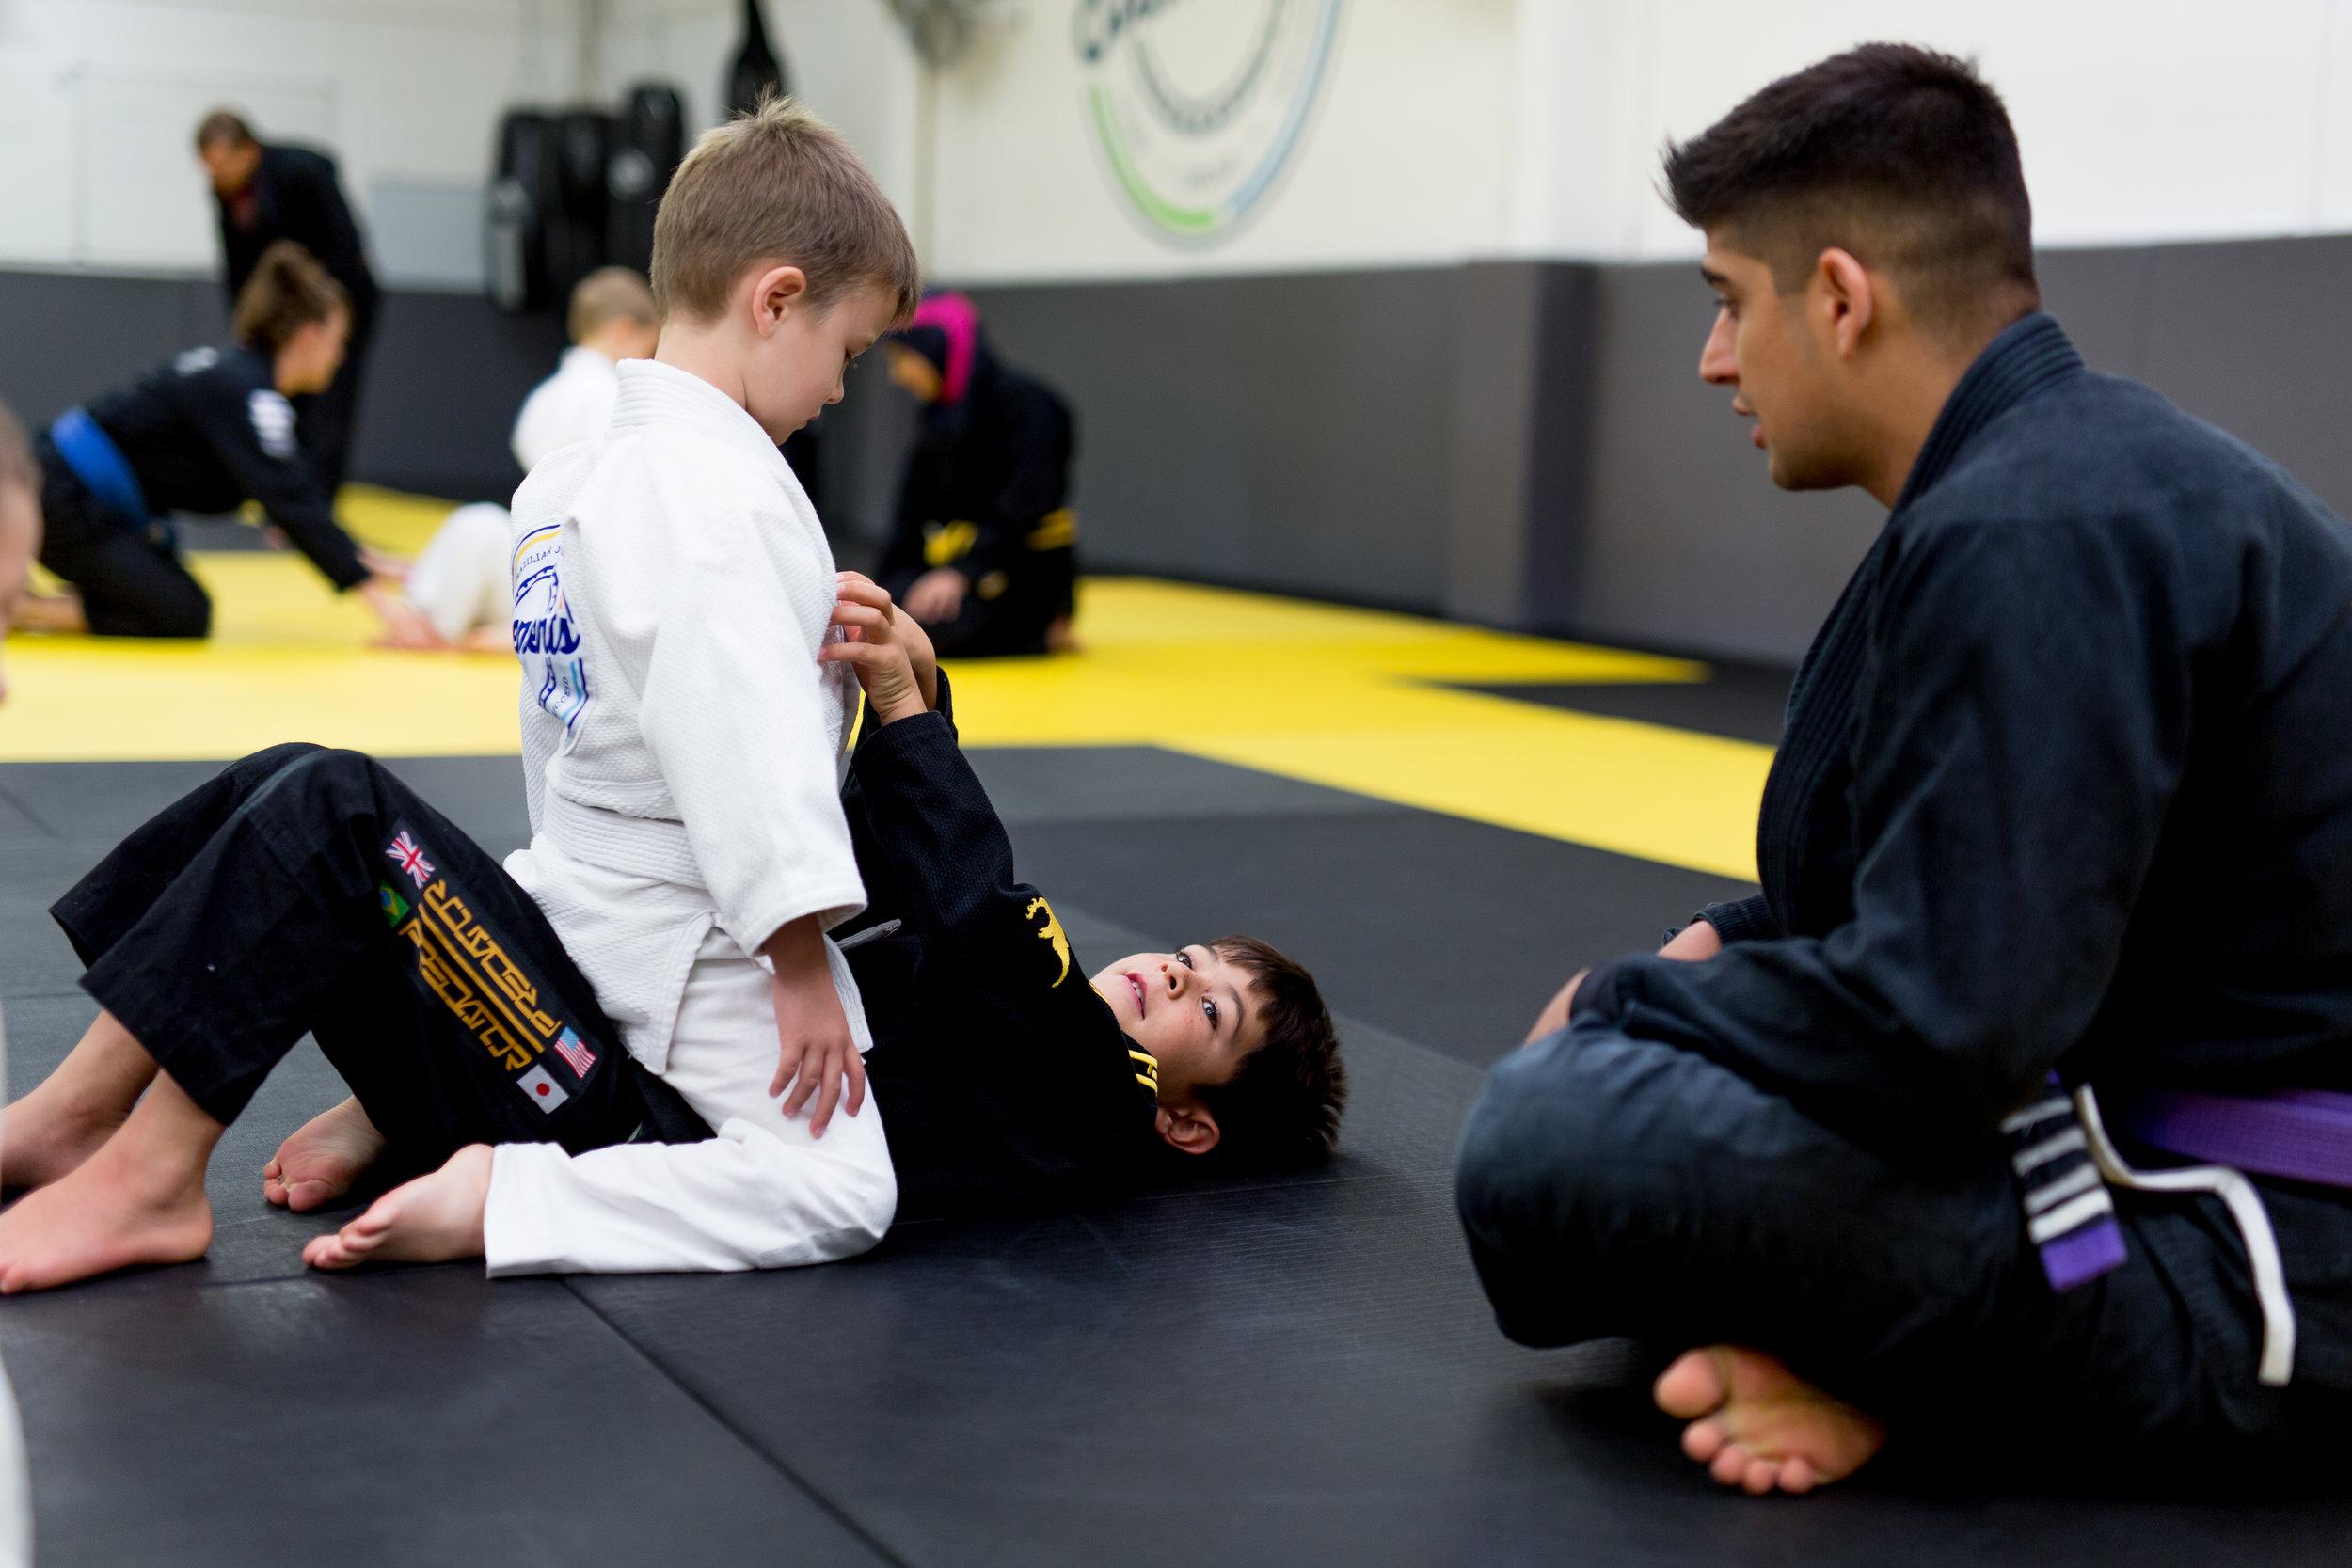 elements lewes children martial arts